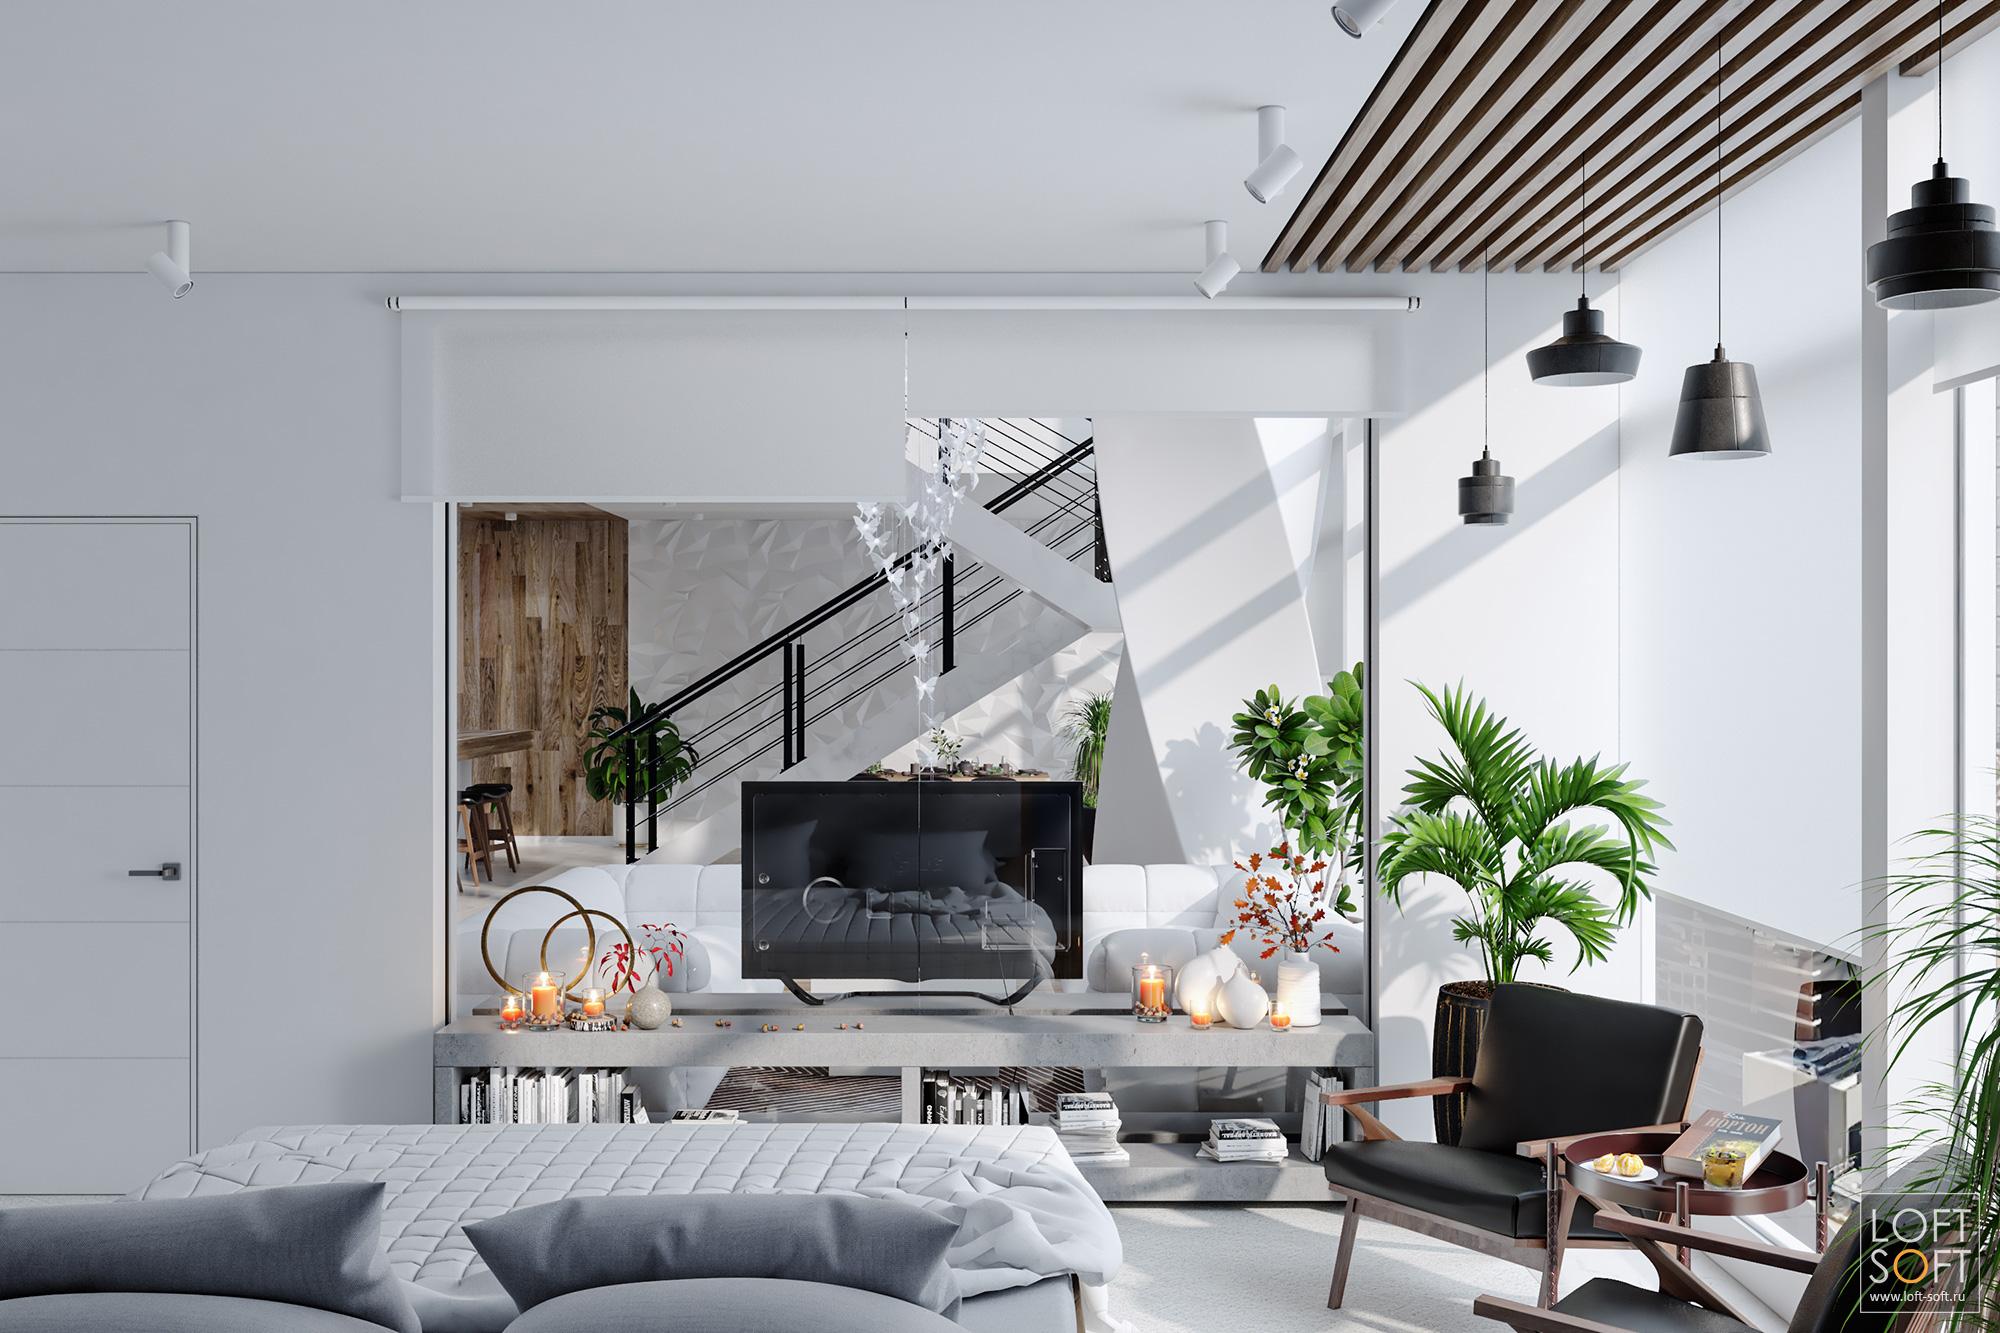 Дизайн дома всовременном стиле. Современный дизайн инемного лофта.